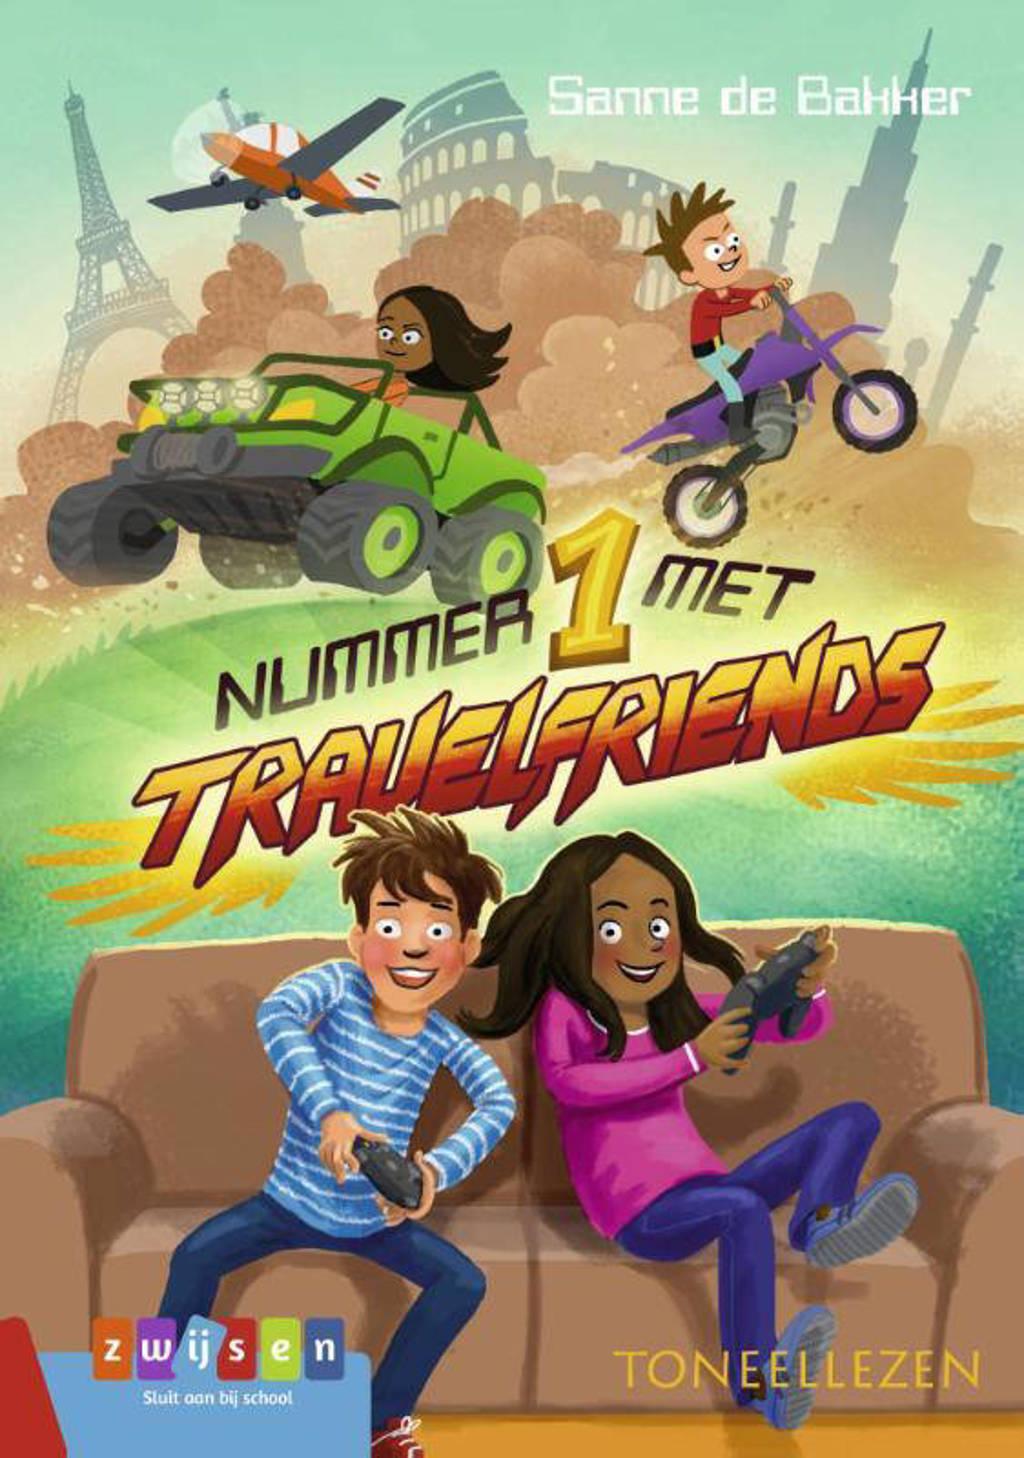 Toneellezen: Nummer 1 met Travelfriends - Sanne de Bakker